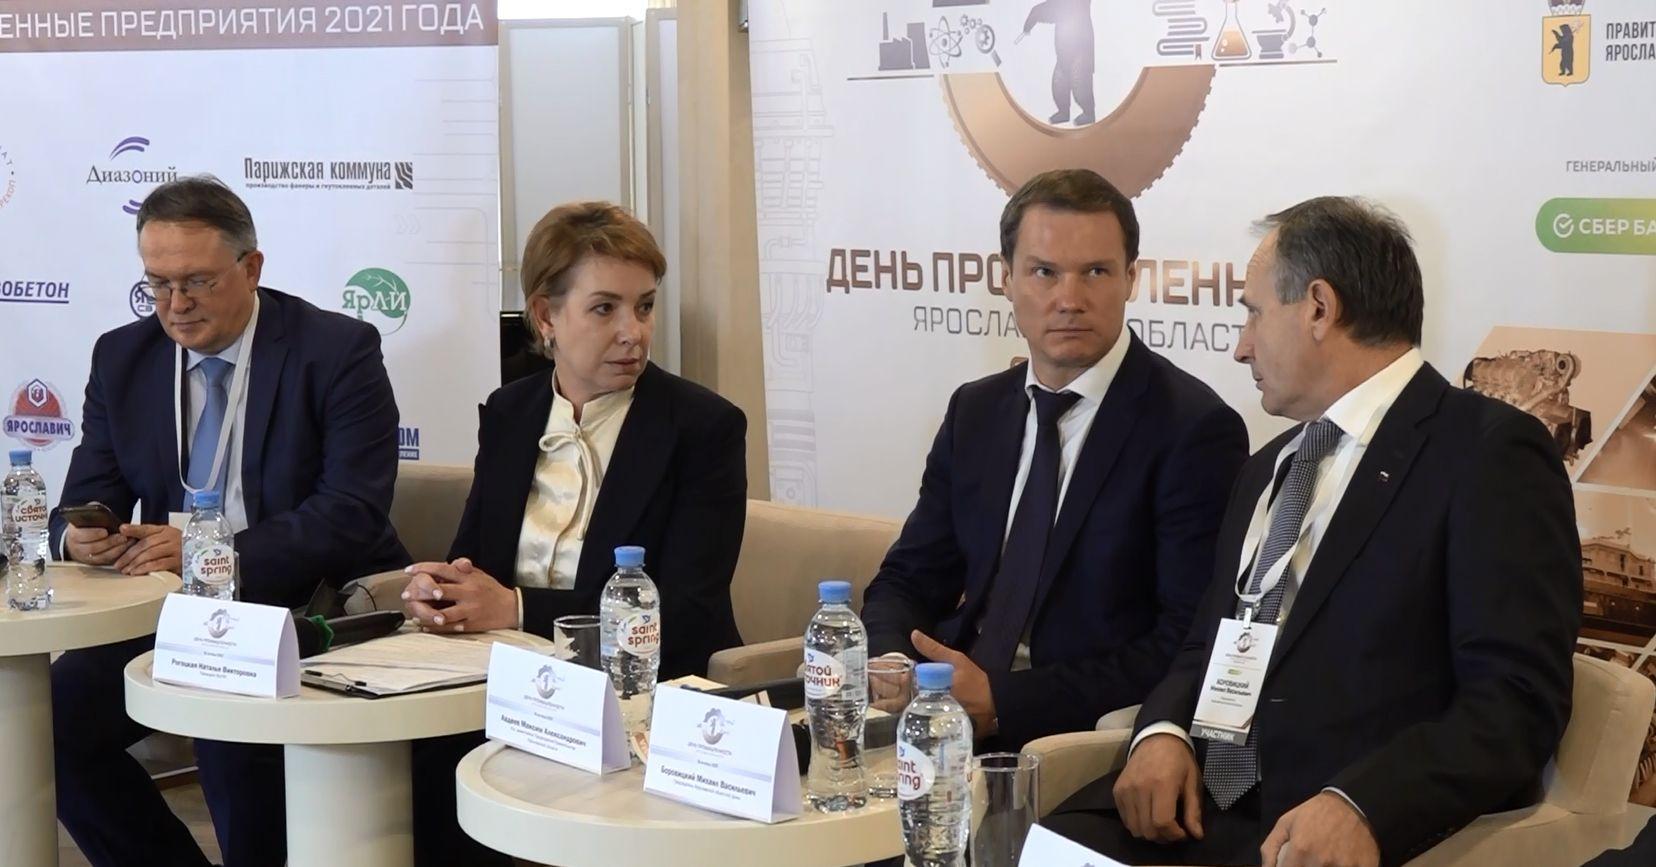 В Ярославле прошел ежегодный День промышленности